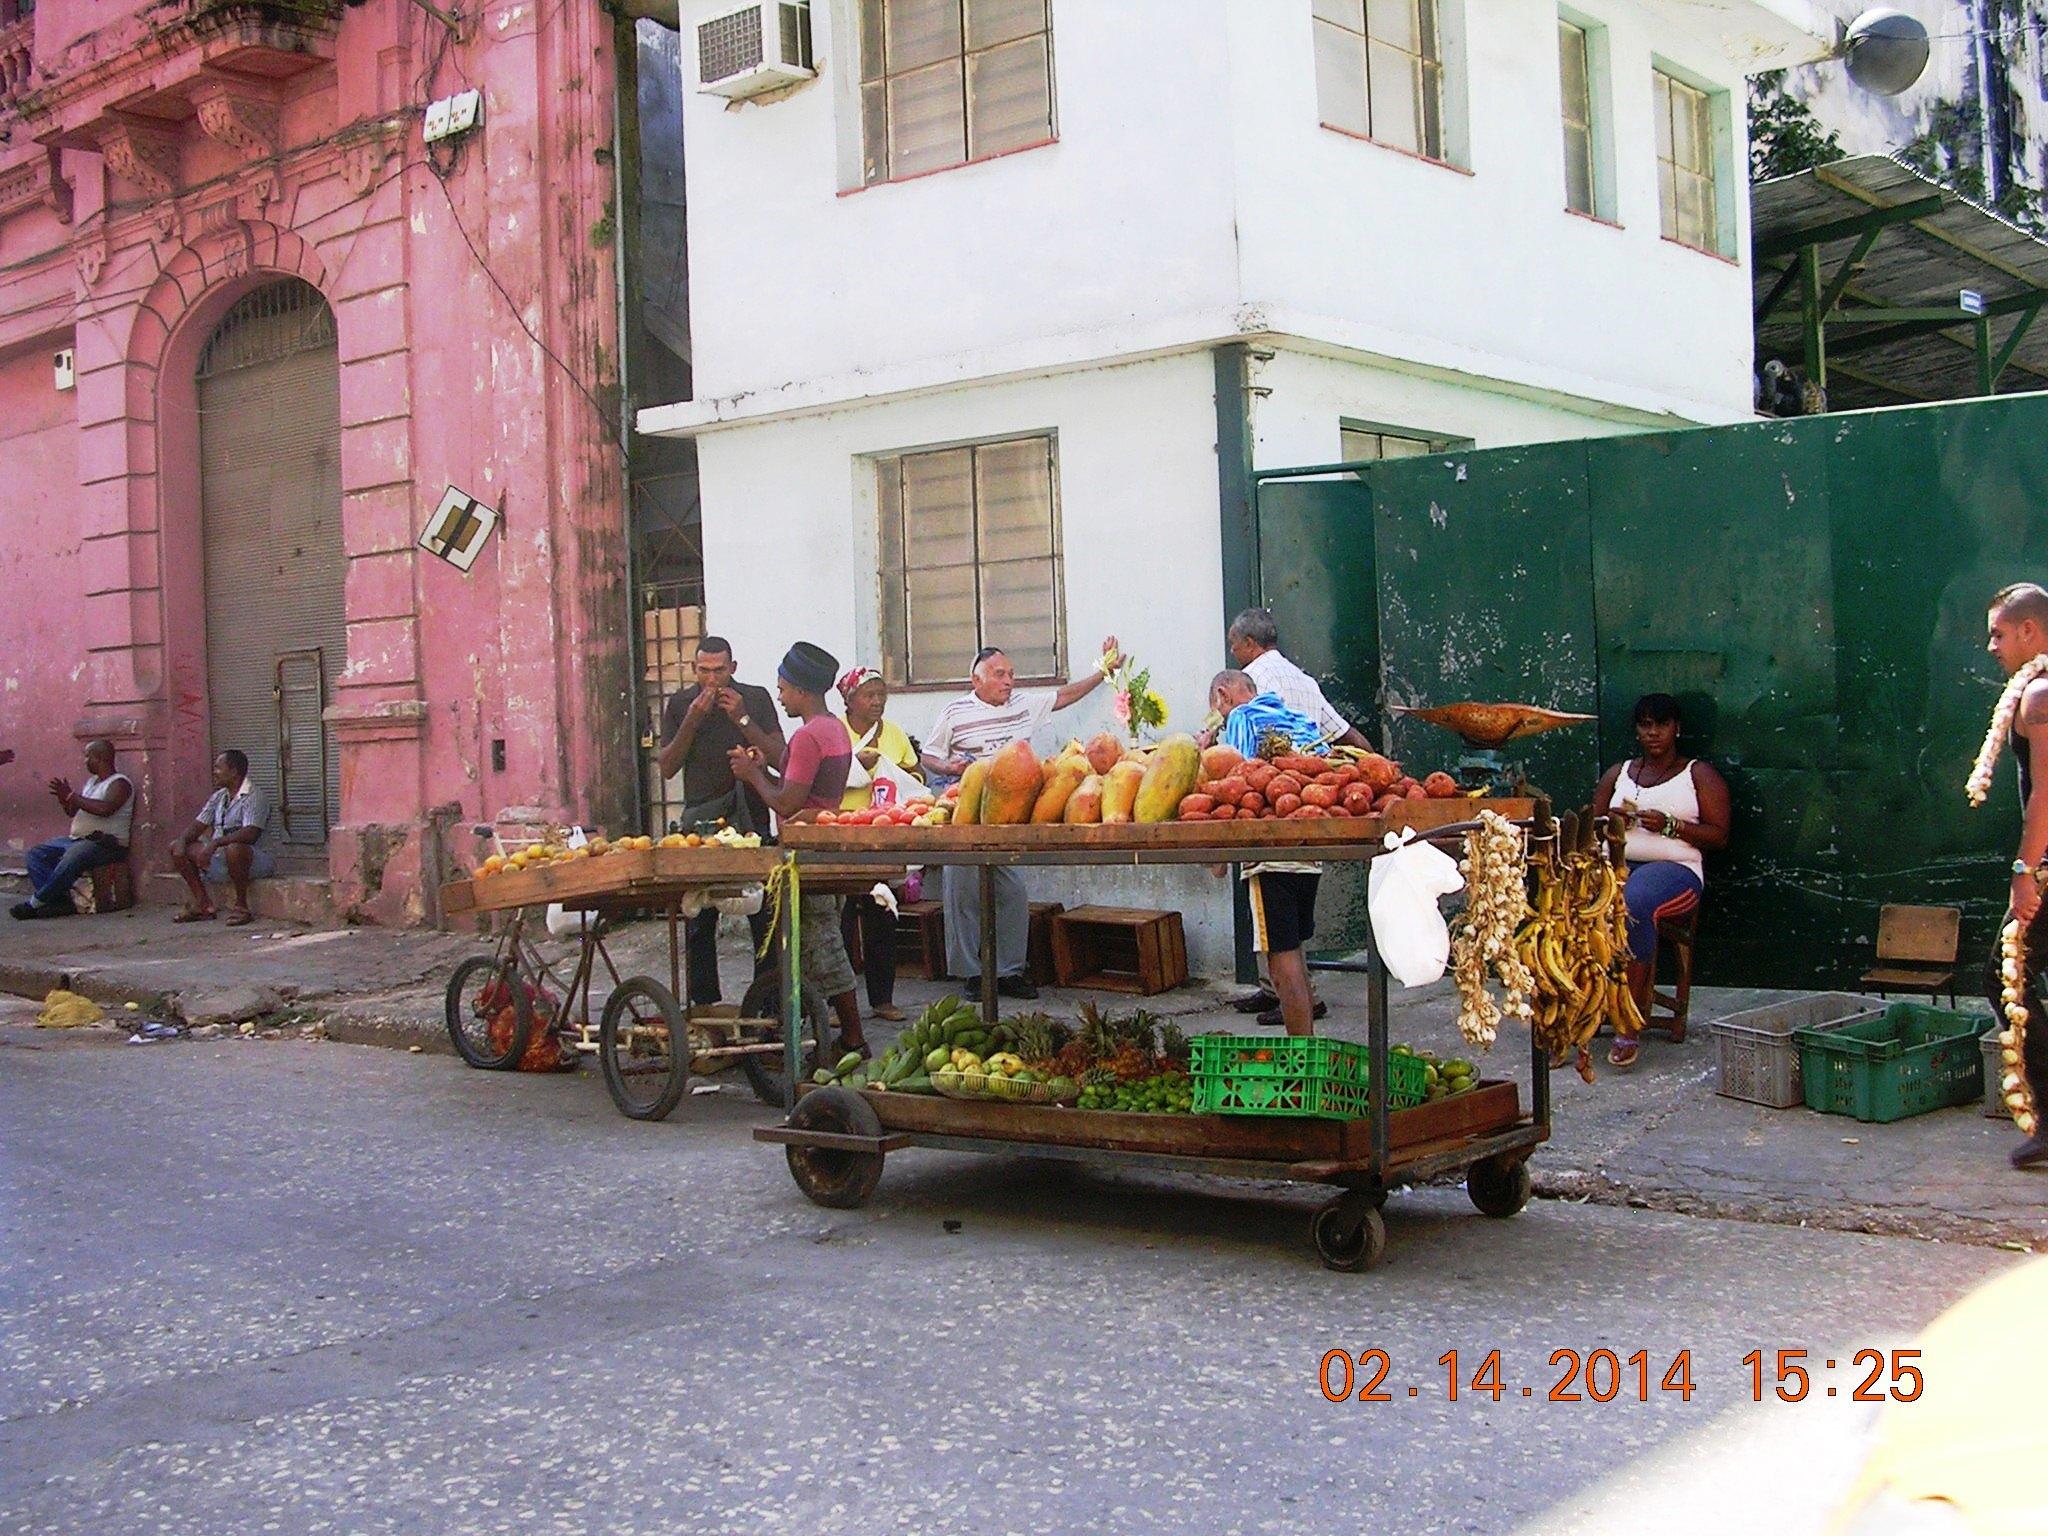 Cuba Mar 2014 059